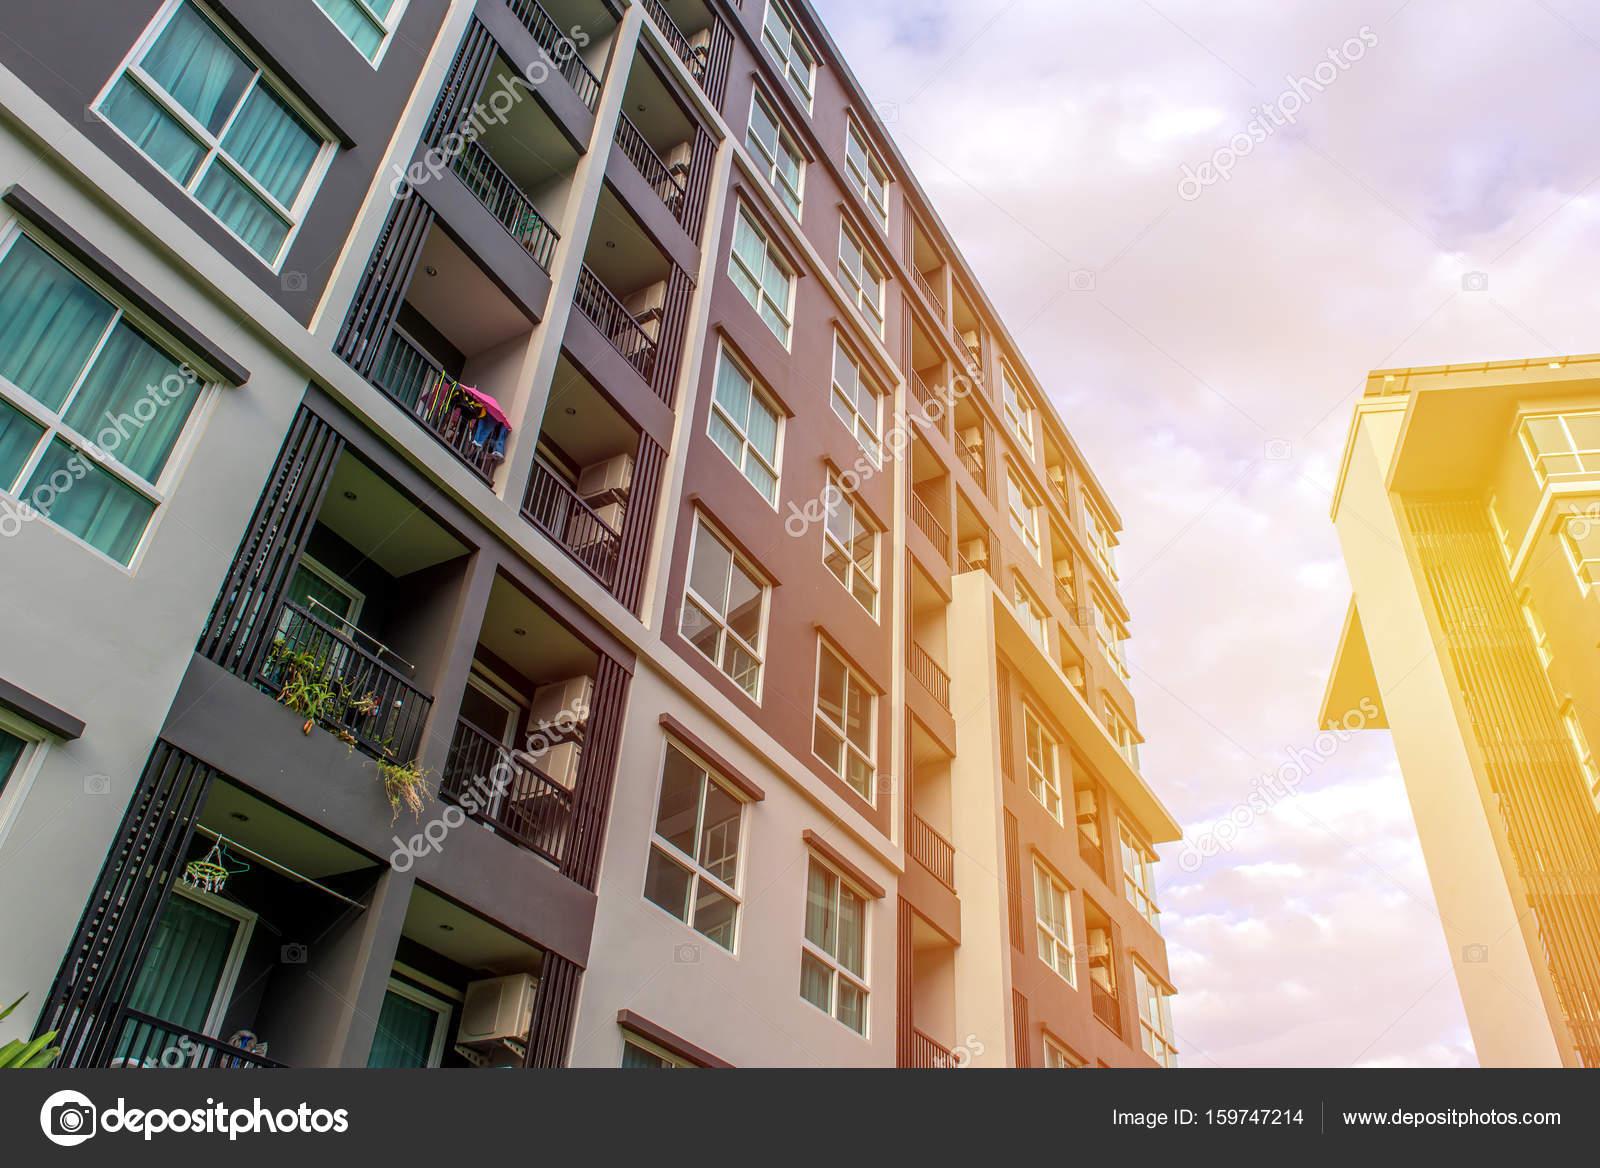 Moderne Wohnanlagen Außenbereich oder zeitgenössische Architektur ...